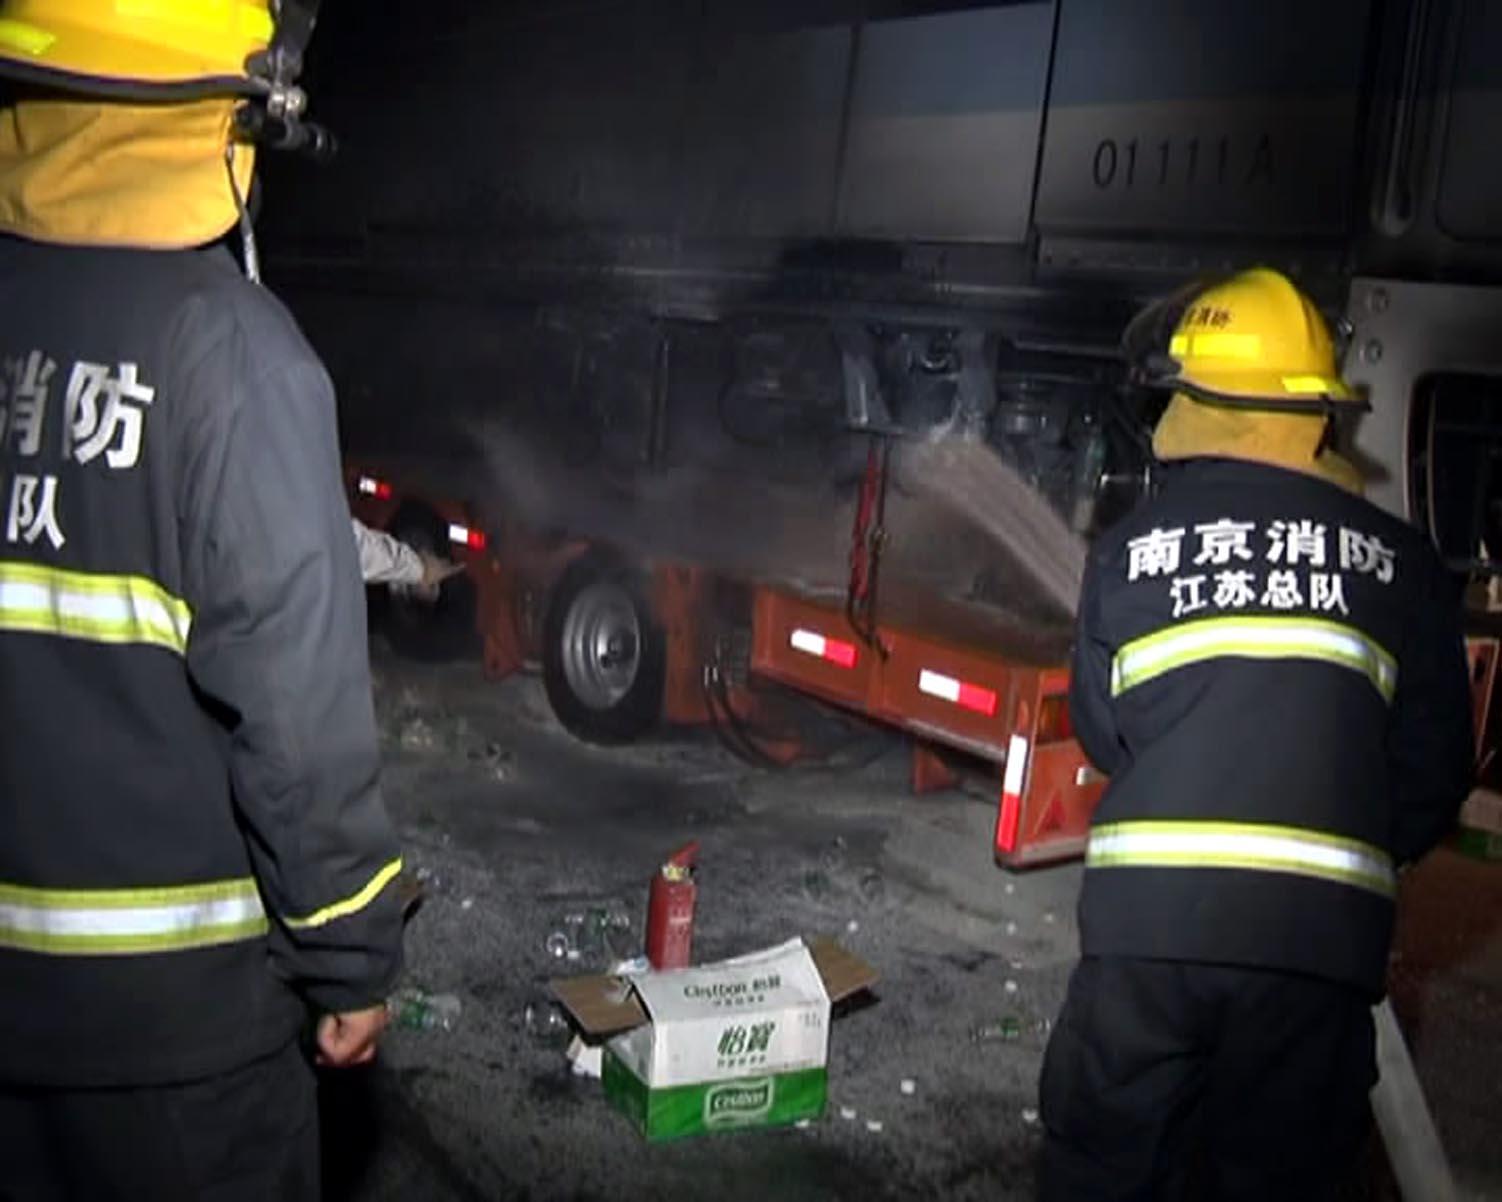 南京 平板车轮胎着火 烧了近千万的地铁车头